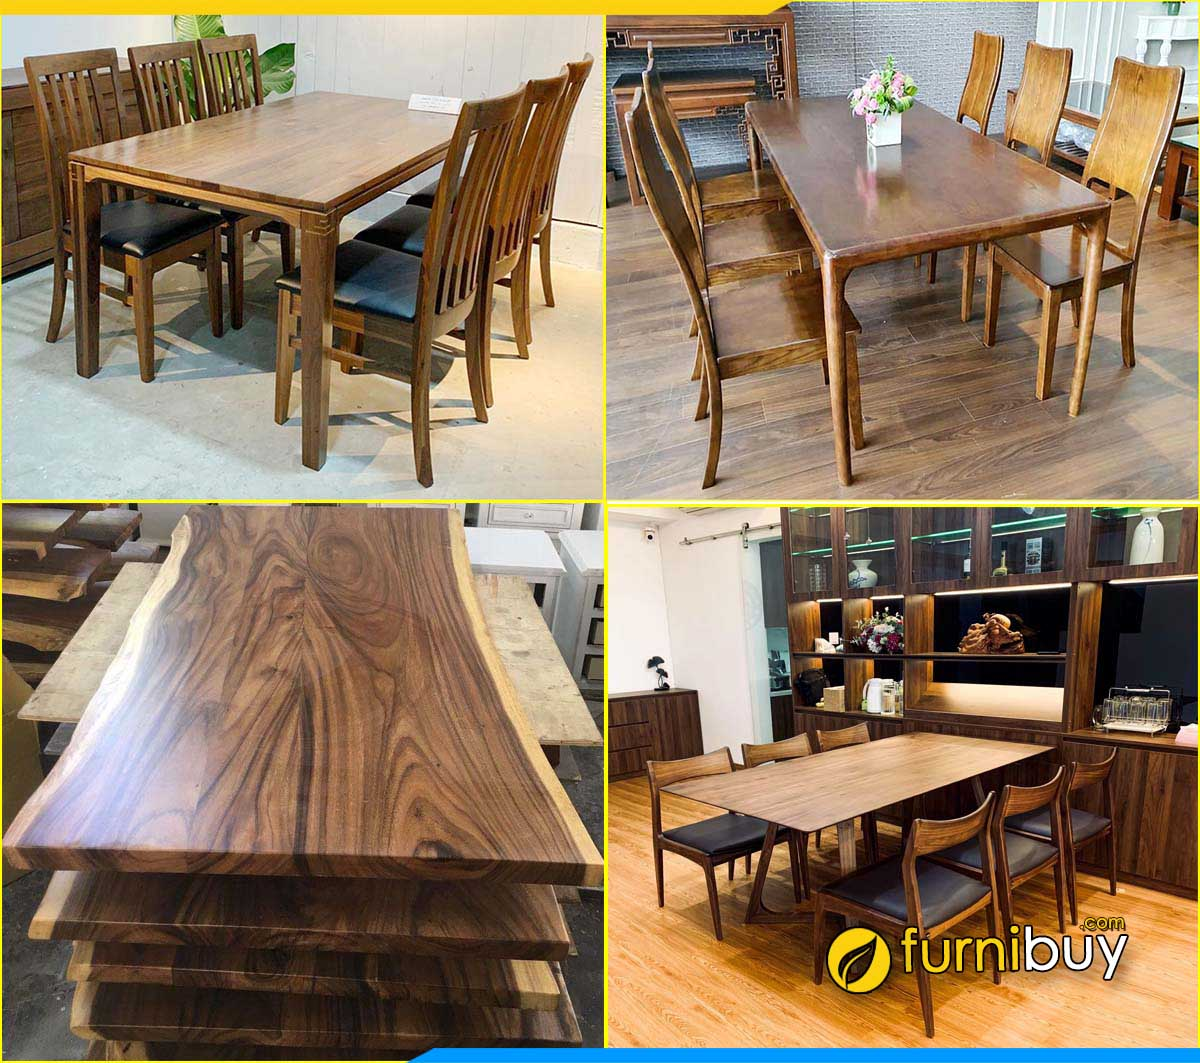 Xưởng đóng bàn ăn gỗ óc chó đẹp giá rẻ Hà Nội furnibuy